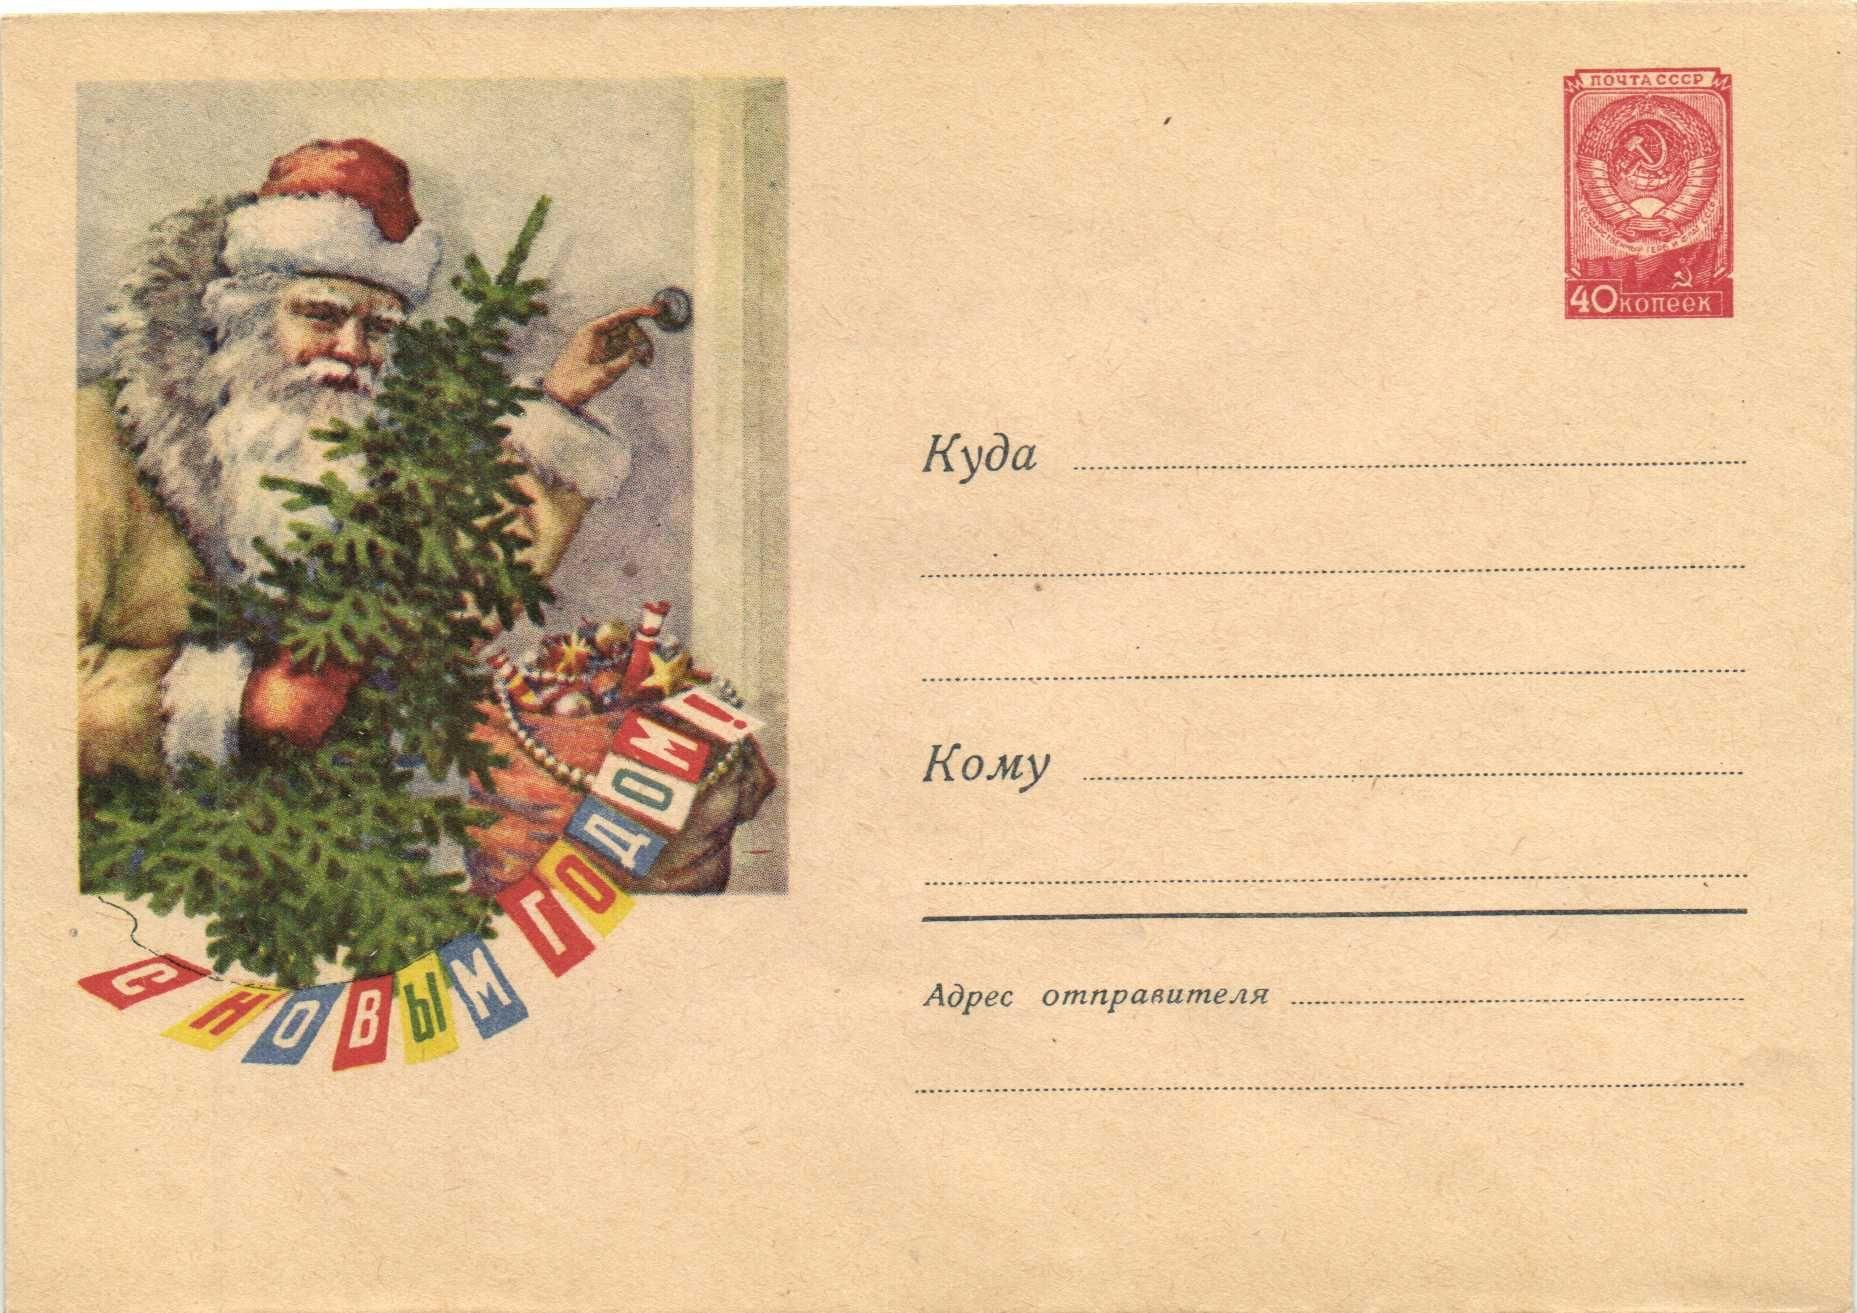 Старинная открытка с маркой, фото красивые природа